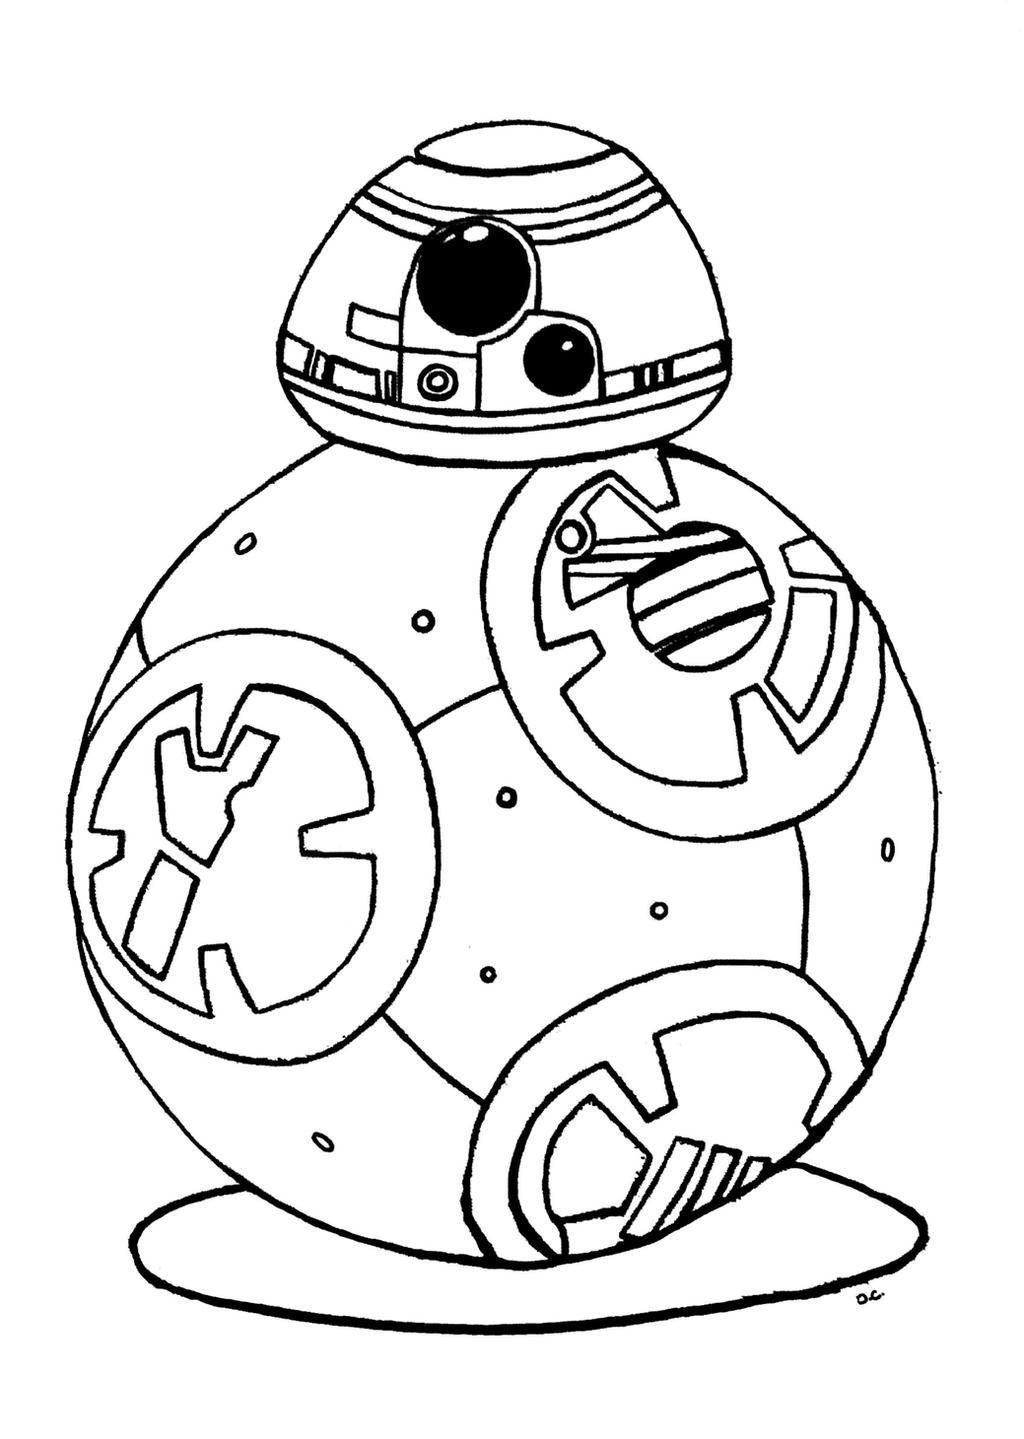 Bb 8 coloring pages -  Coloriage Bb 8 Star Wars 7 Reveil De